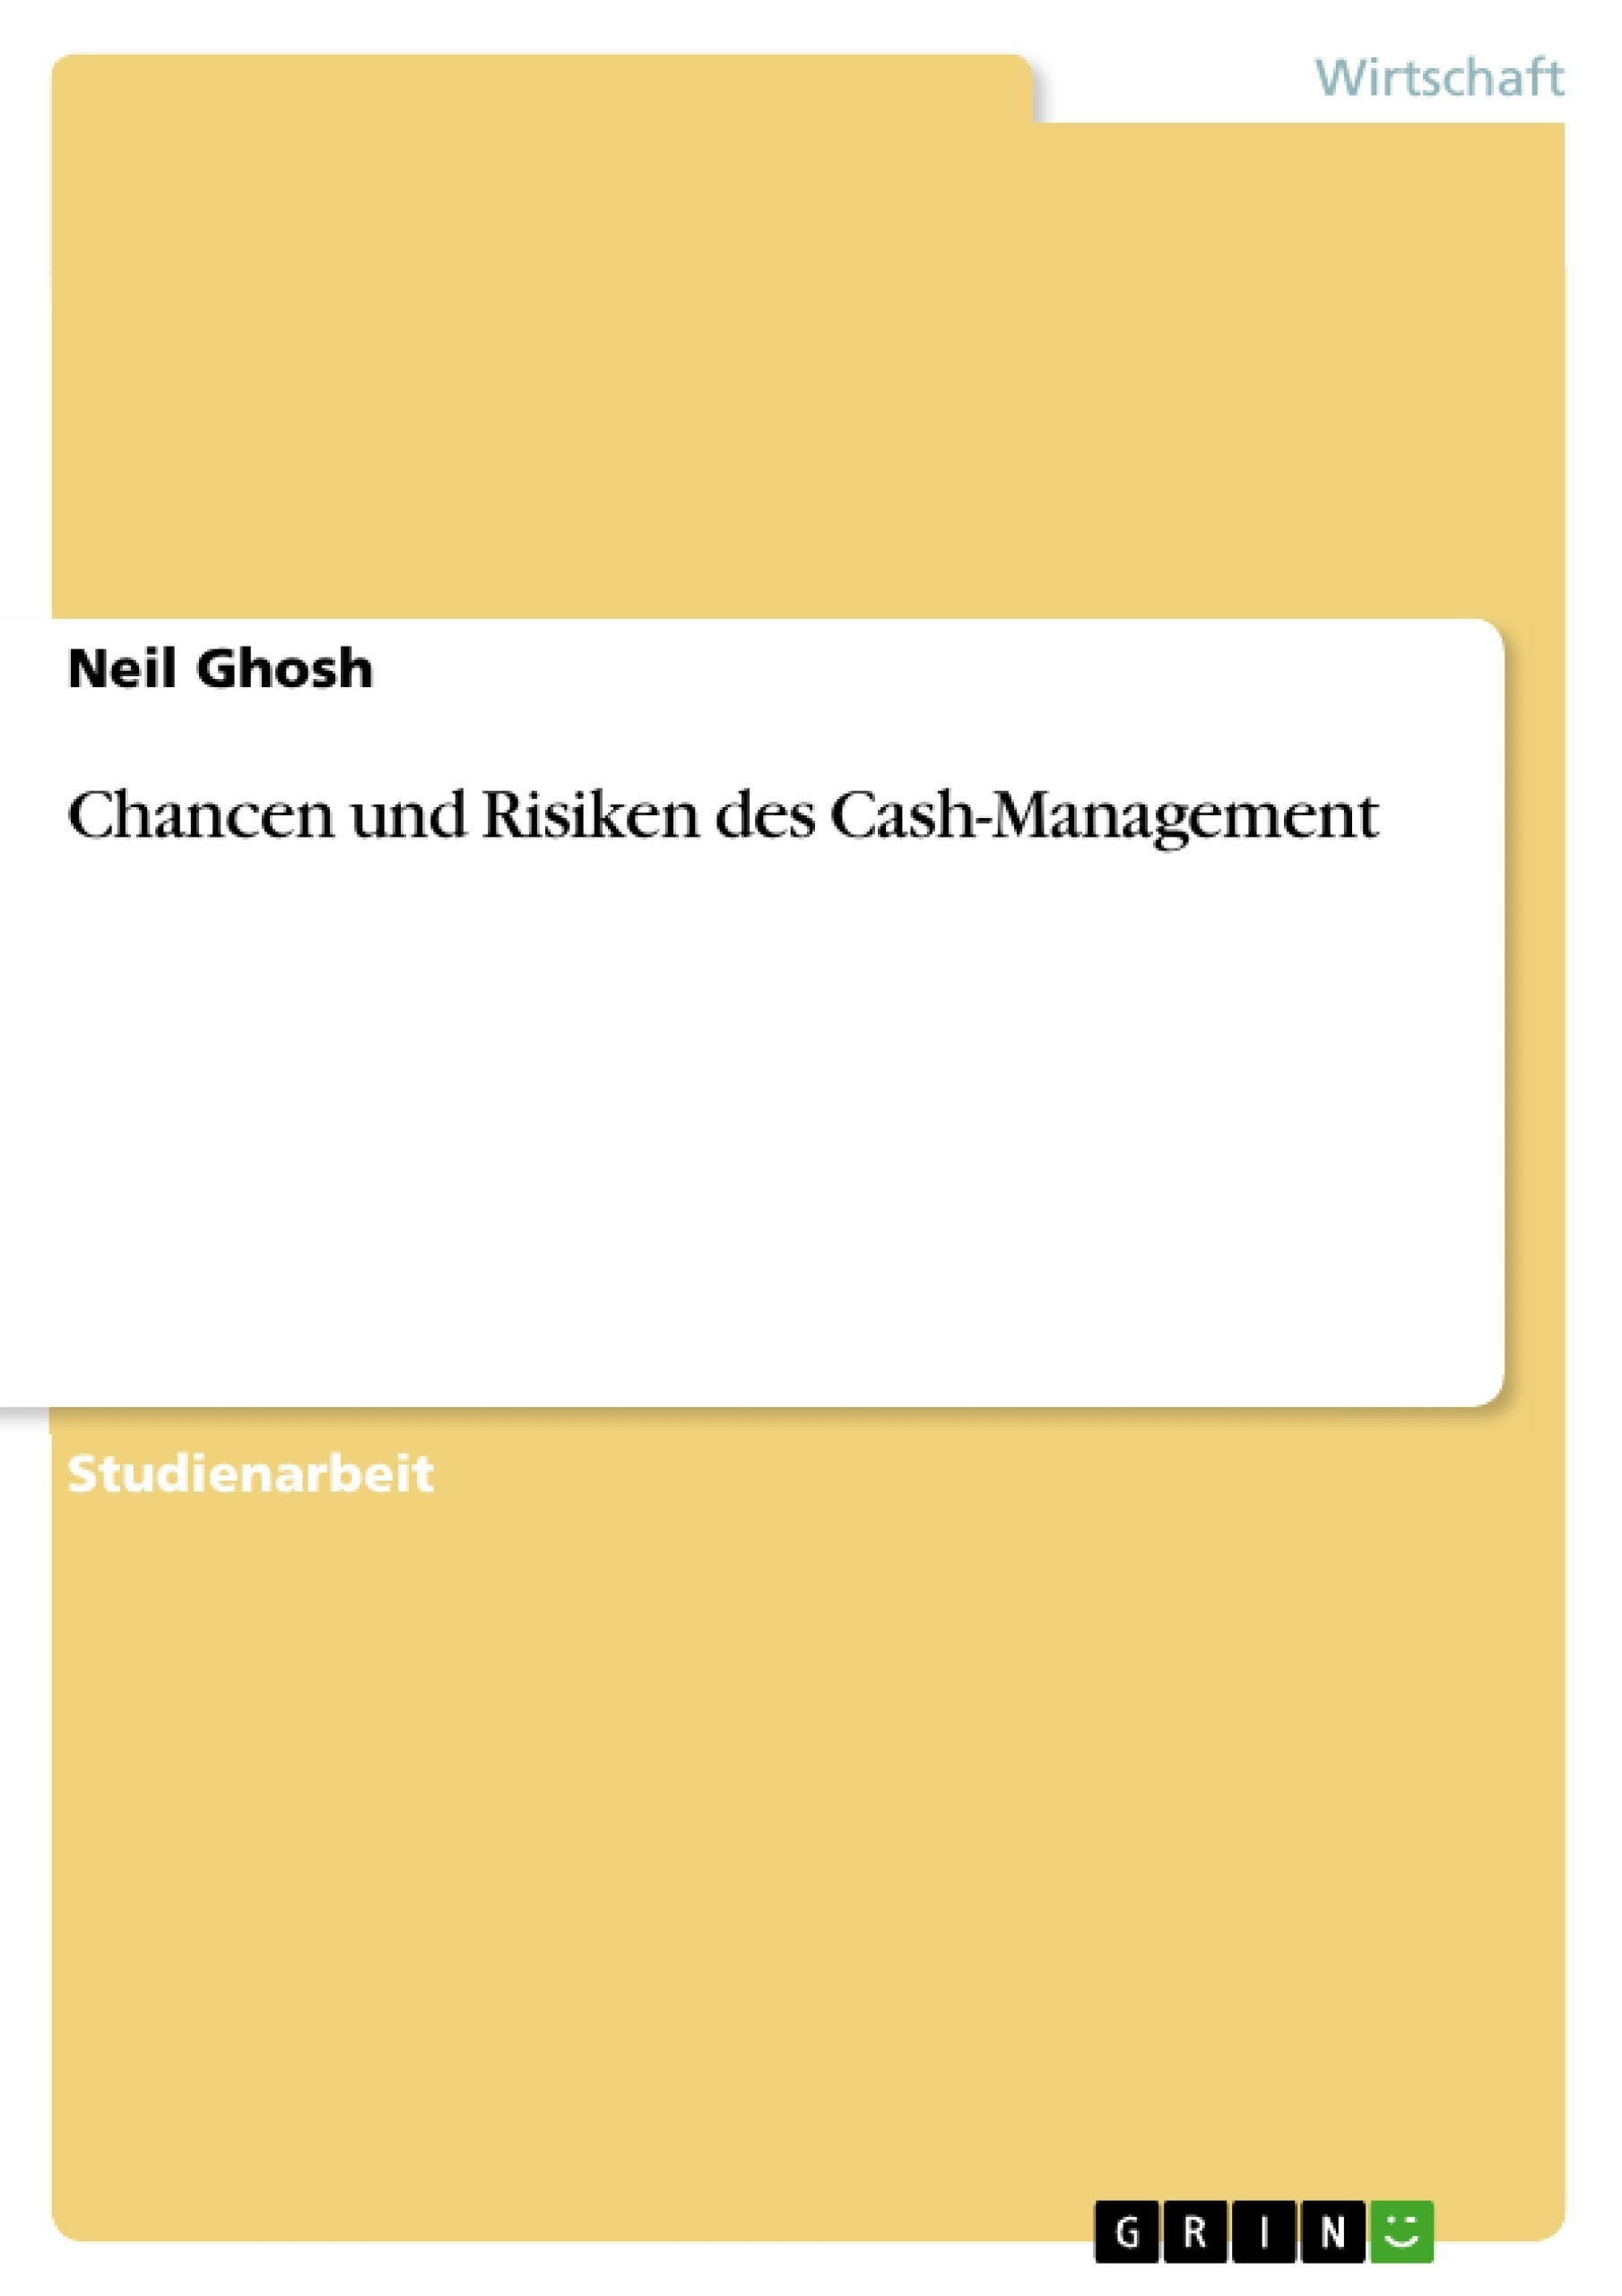 Titel: Chancen und Risiken des Cash-Management